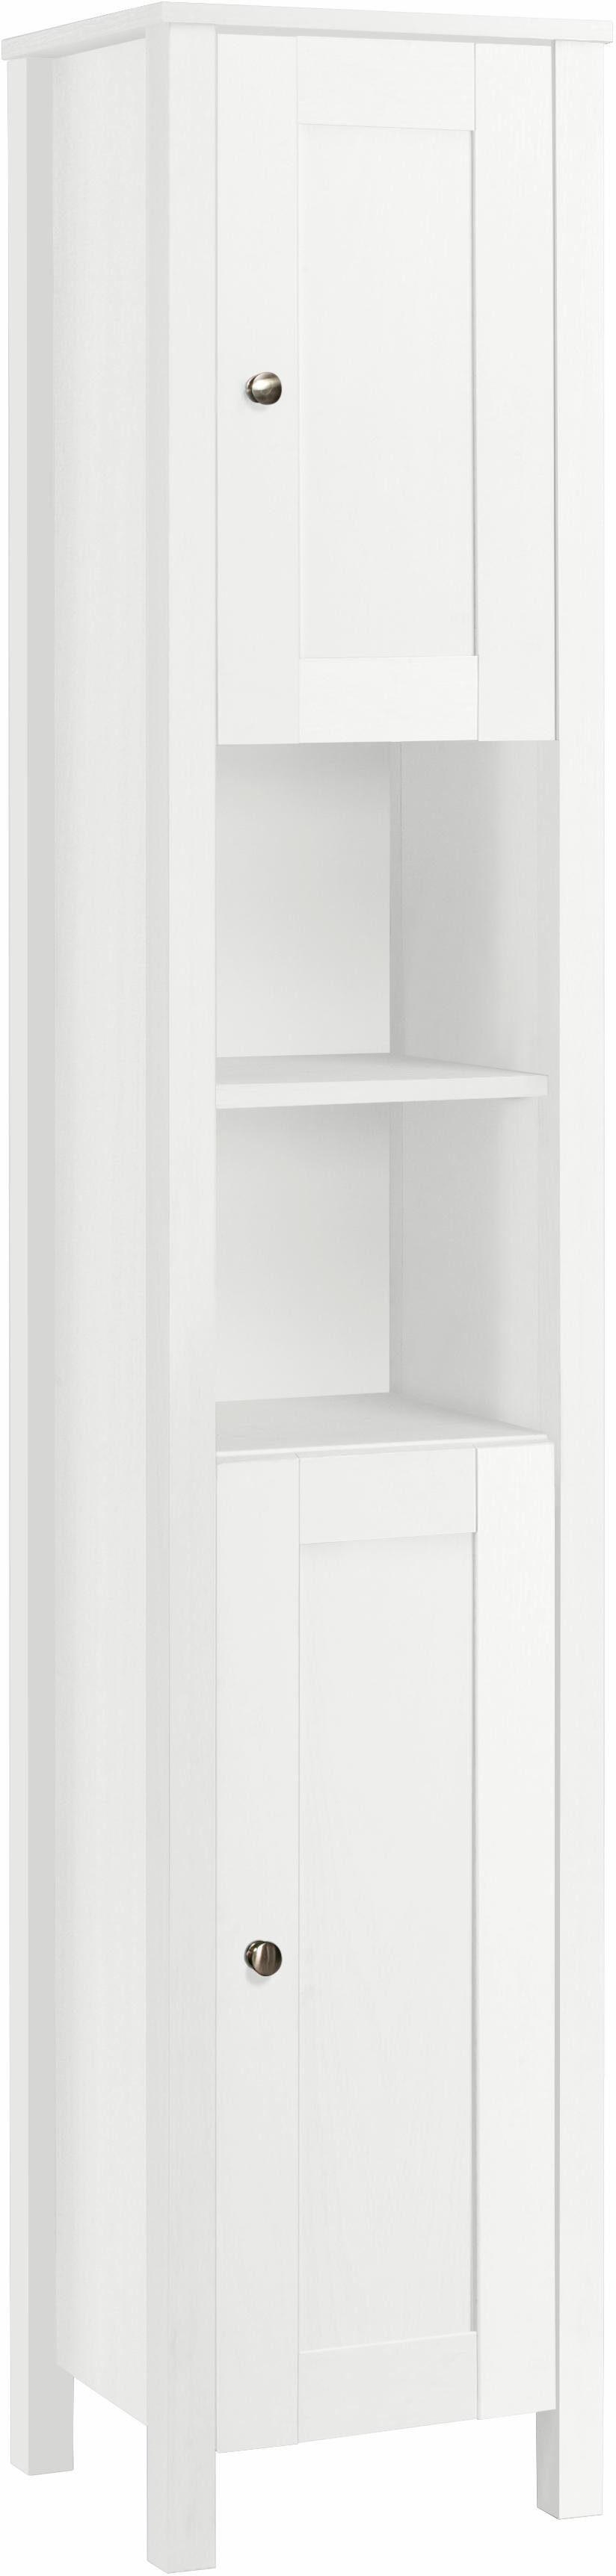 Handleiding Expedit Boekenkast.Ikea Open Kast Badkamer Interieur Inloopkast Ikea